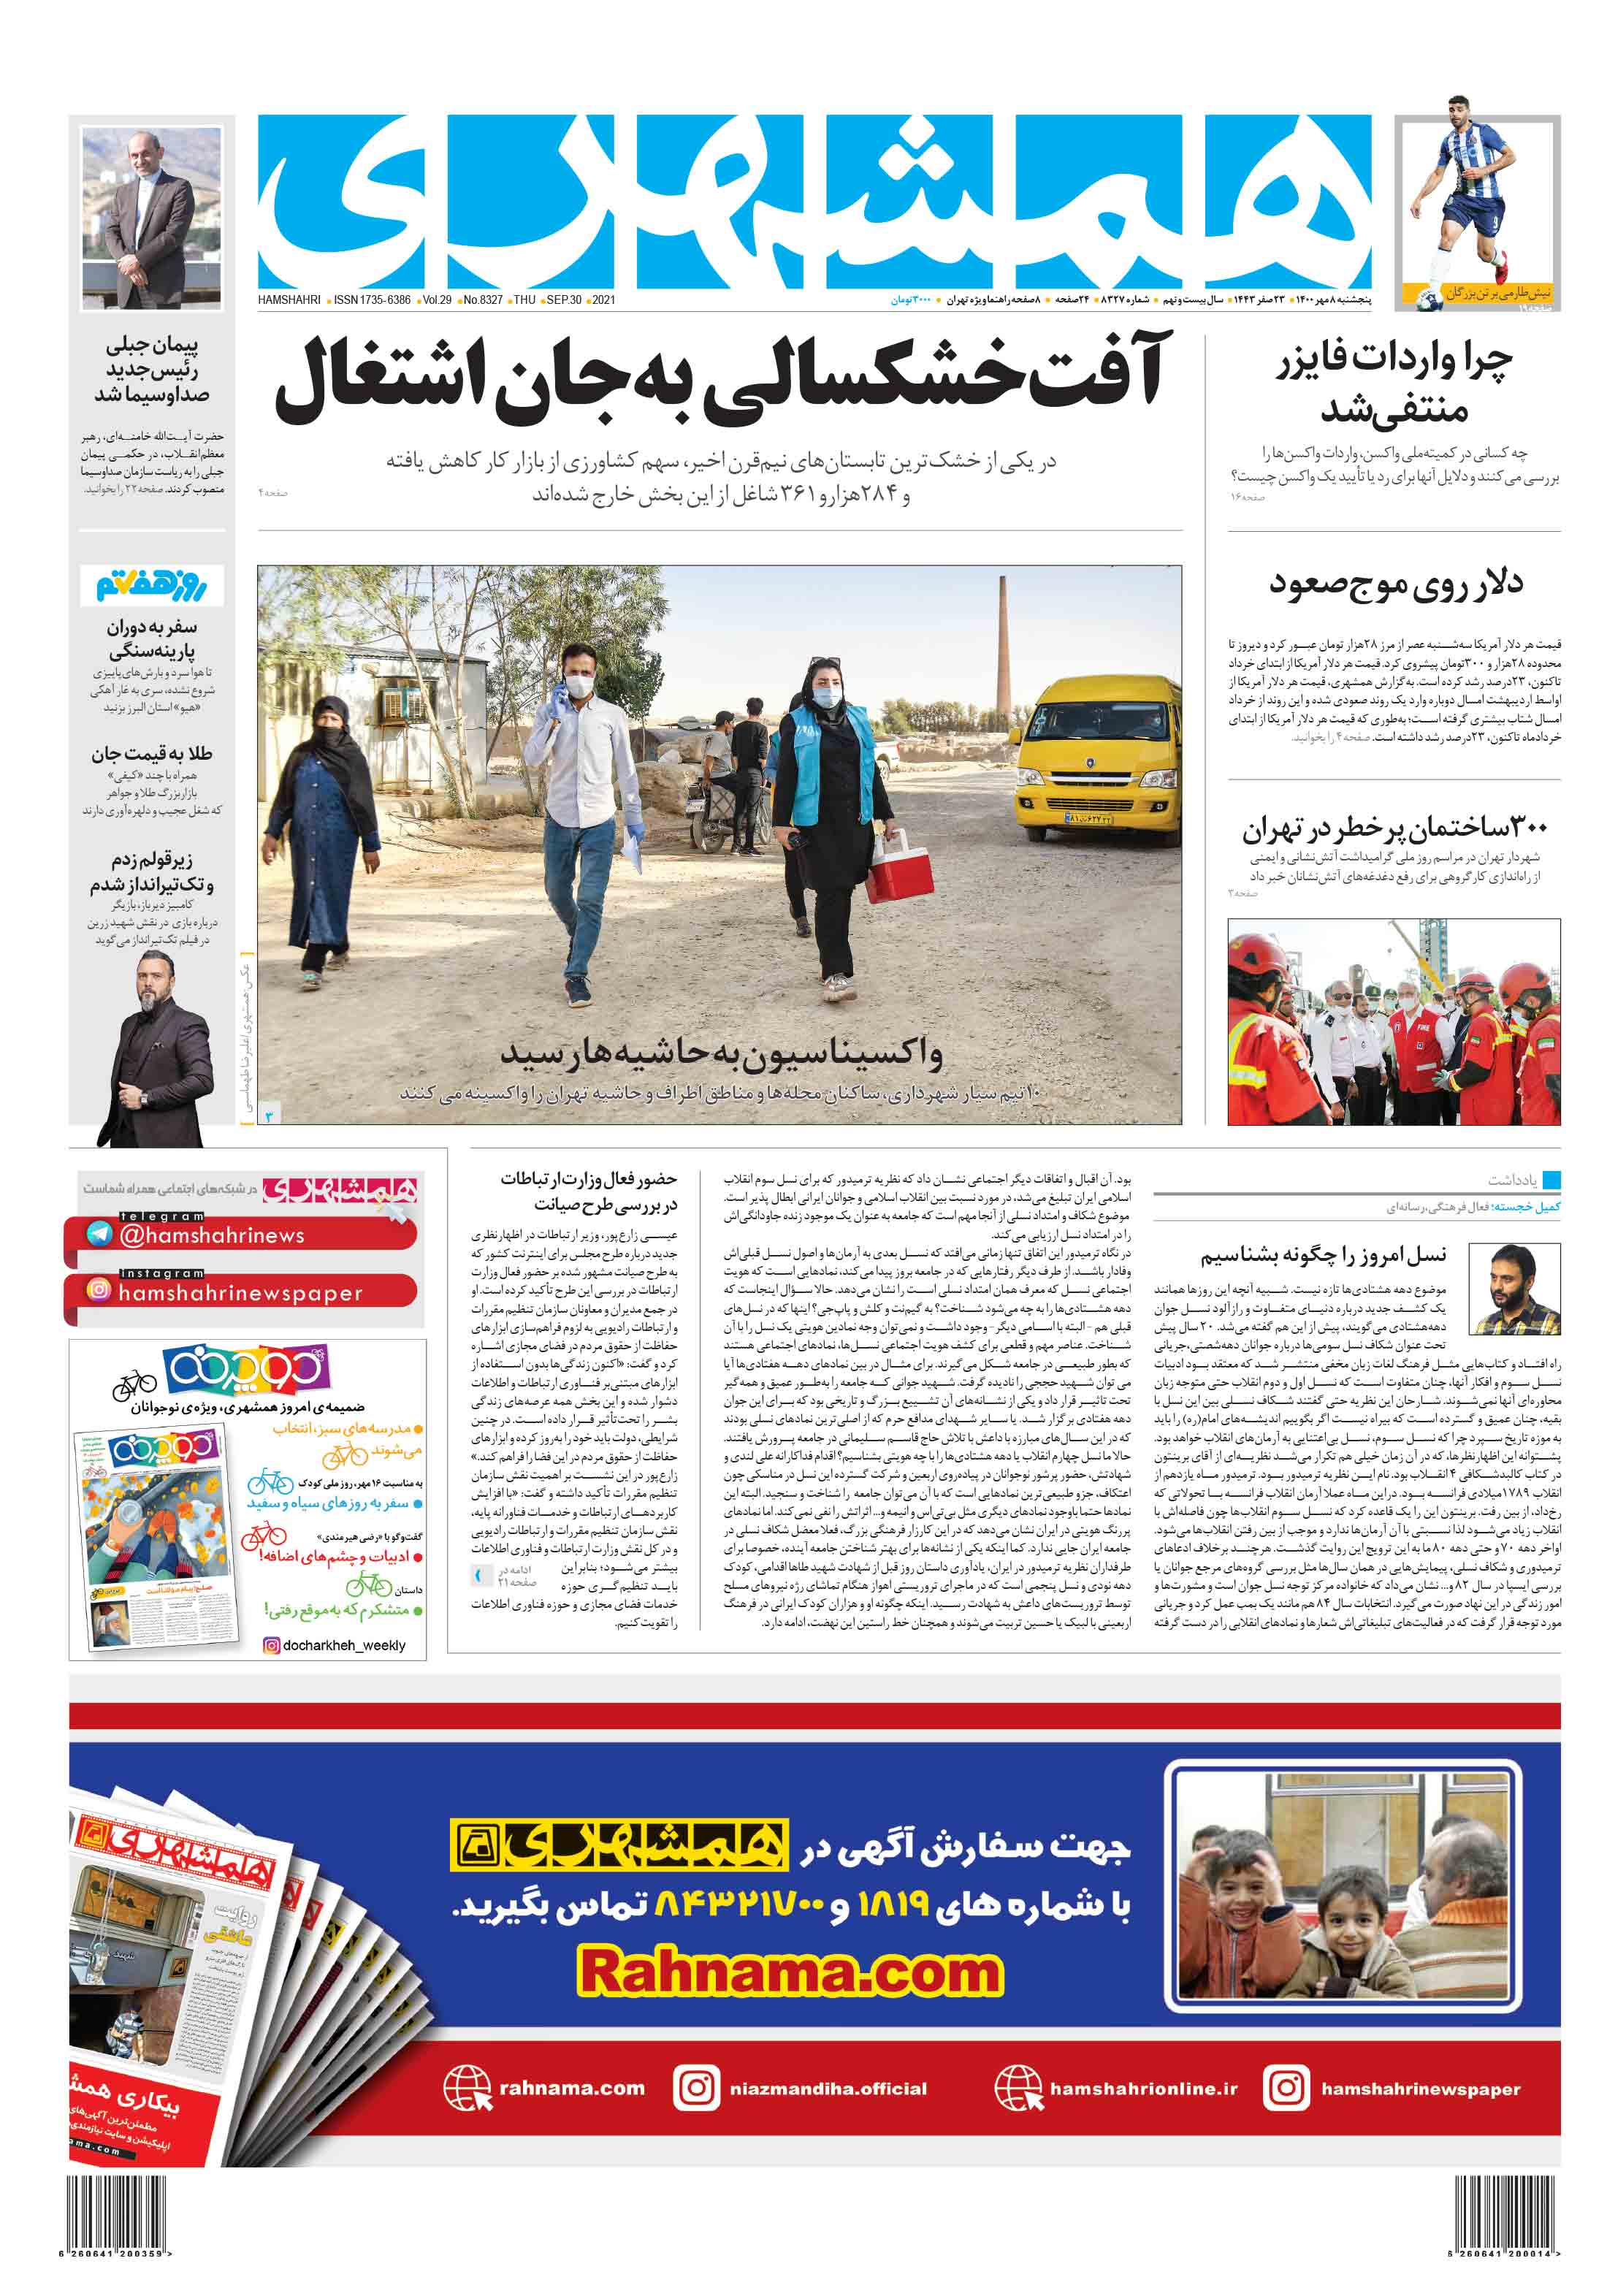 صفحه اول پنجشنبه 8 مهر 1400